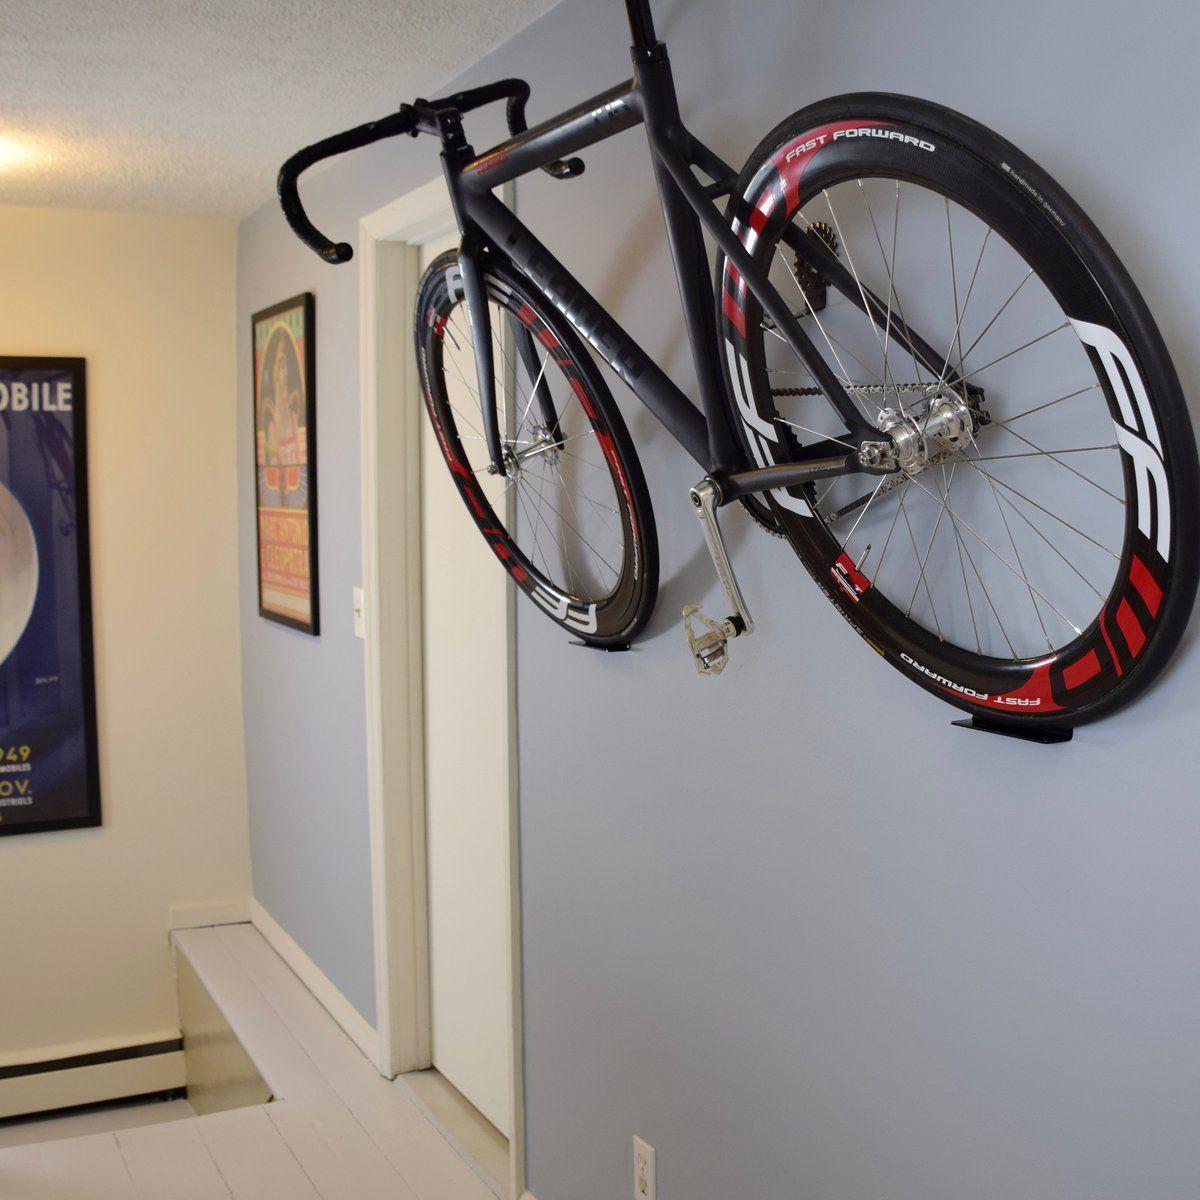 оставить велосипед на хранение